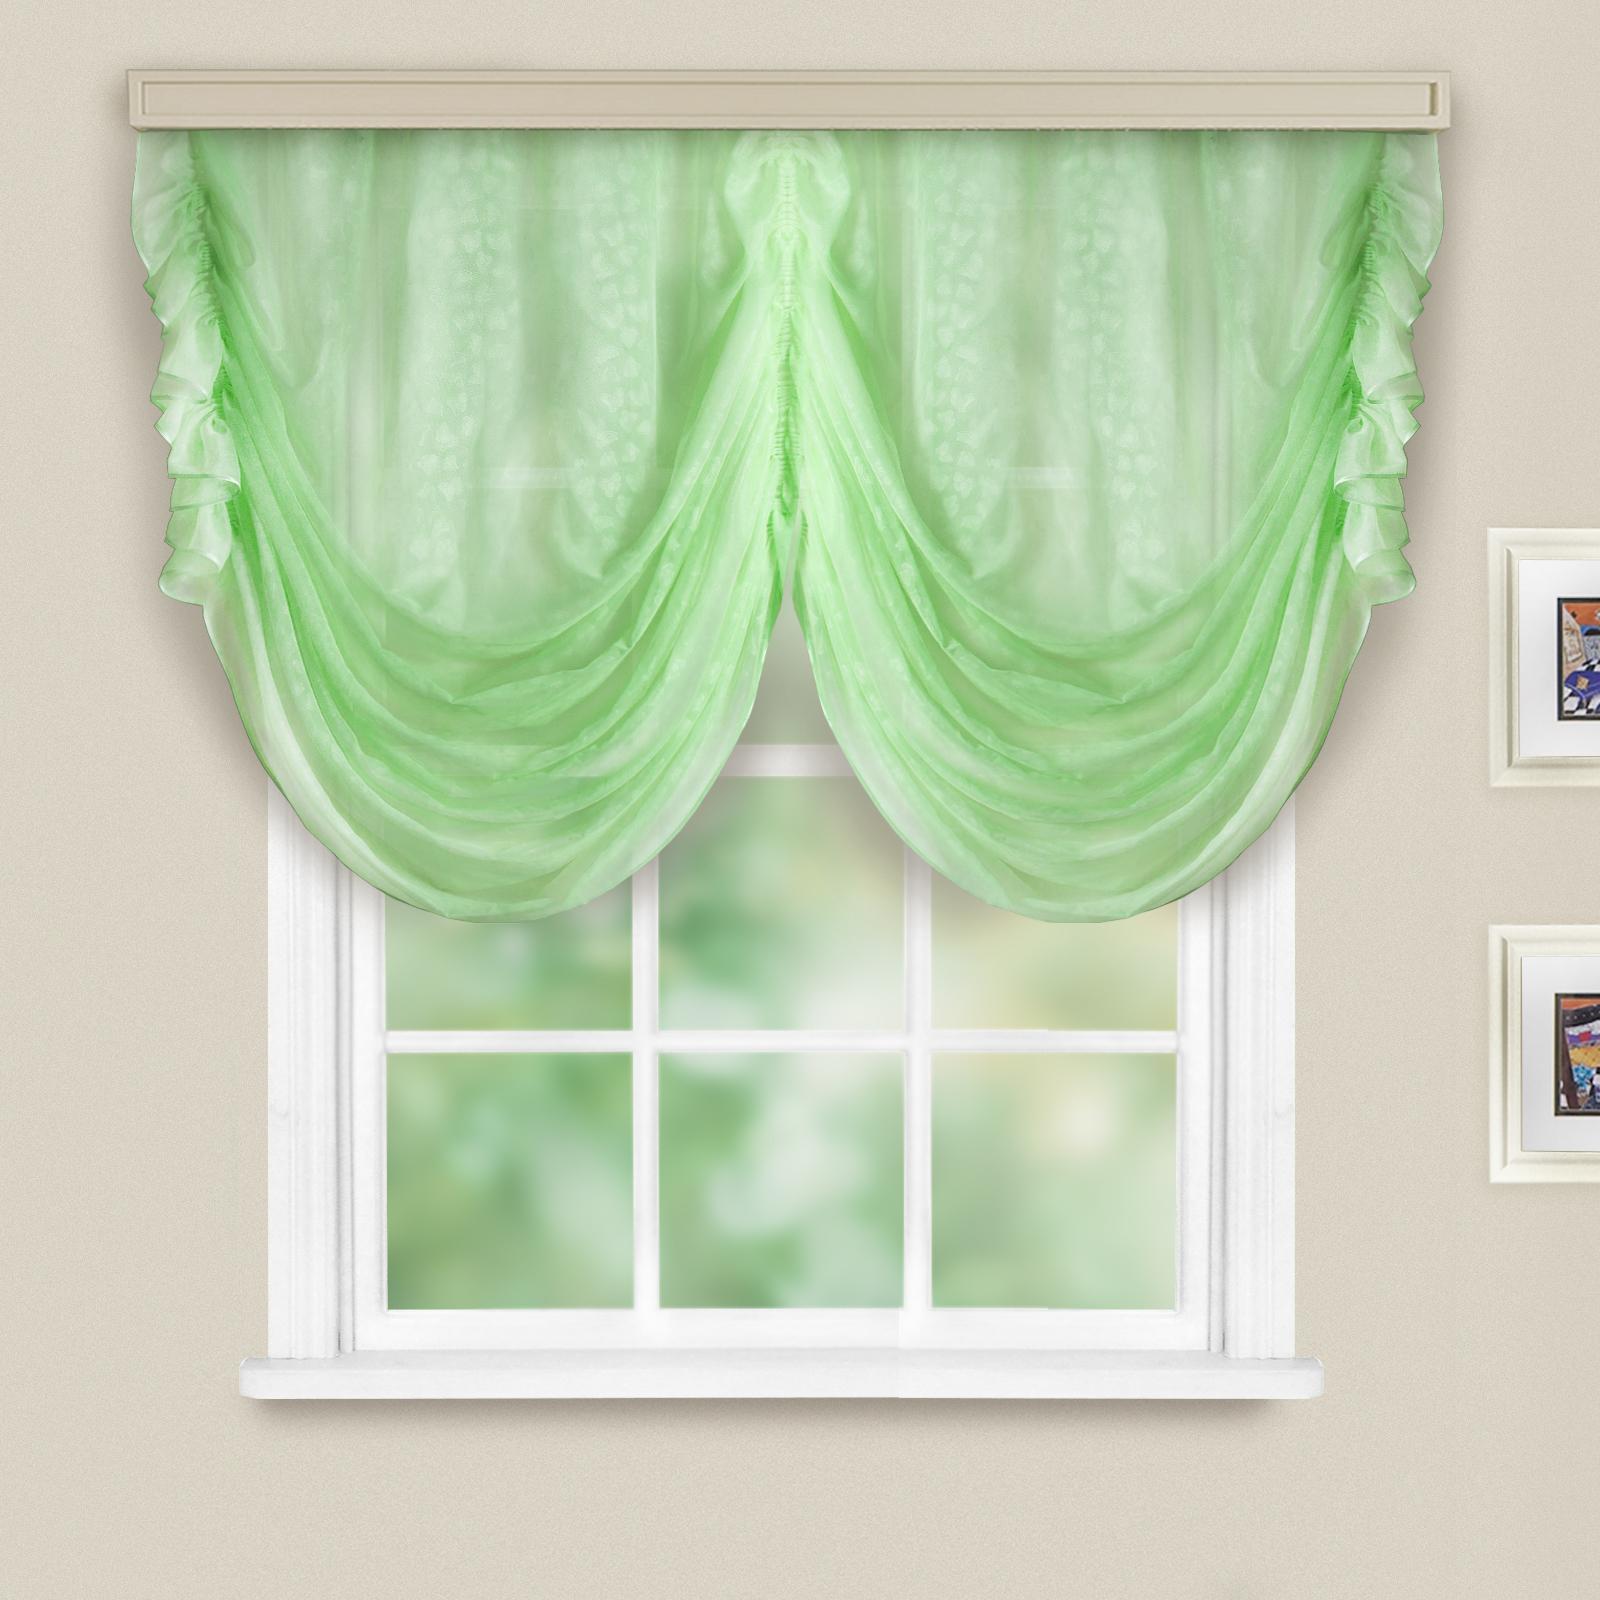 Купить Шторы Witerra, Французские шторы Alexis Цвет: Светло-Зеленый, Россия, Вуаль